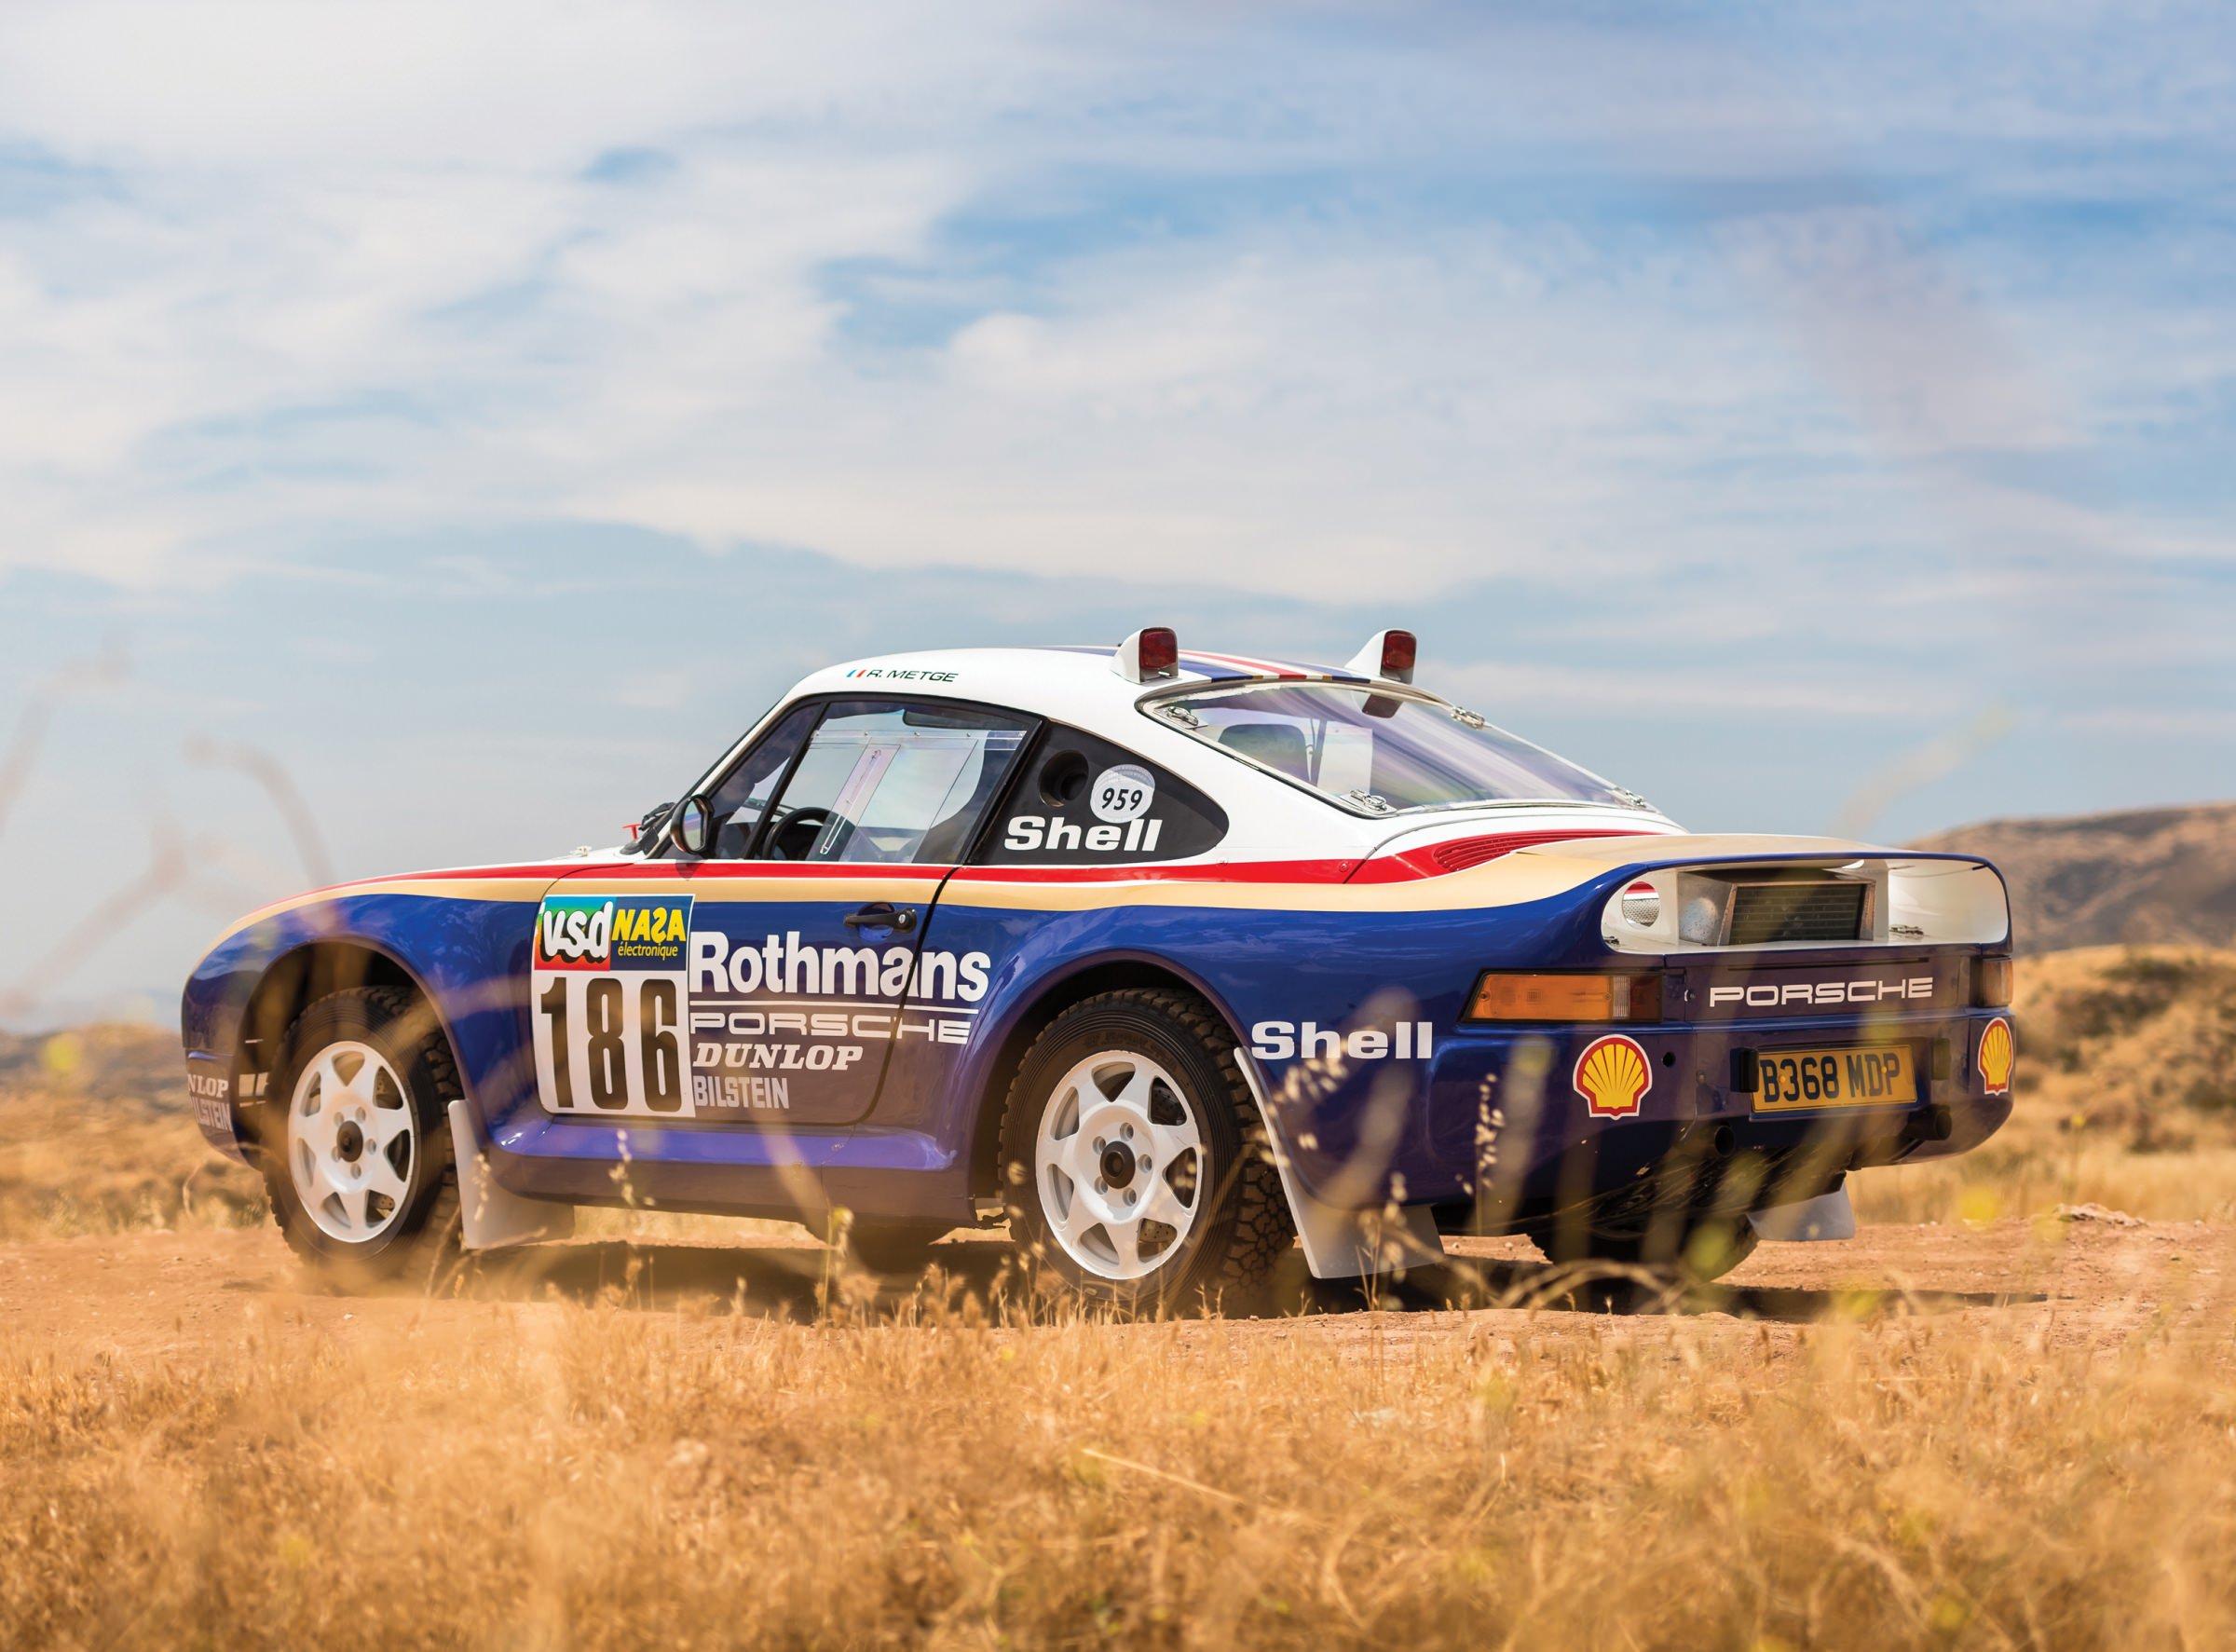 Porsche 959 For Sale >> The German Rally Unicorn: An Original Porsche 959 Paris-Dakar Racer